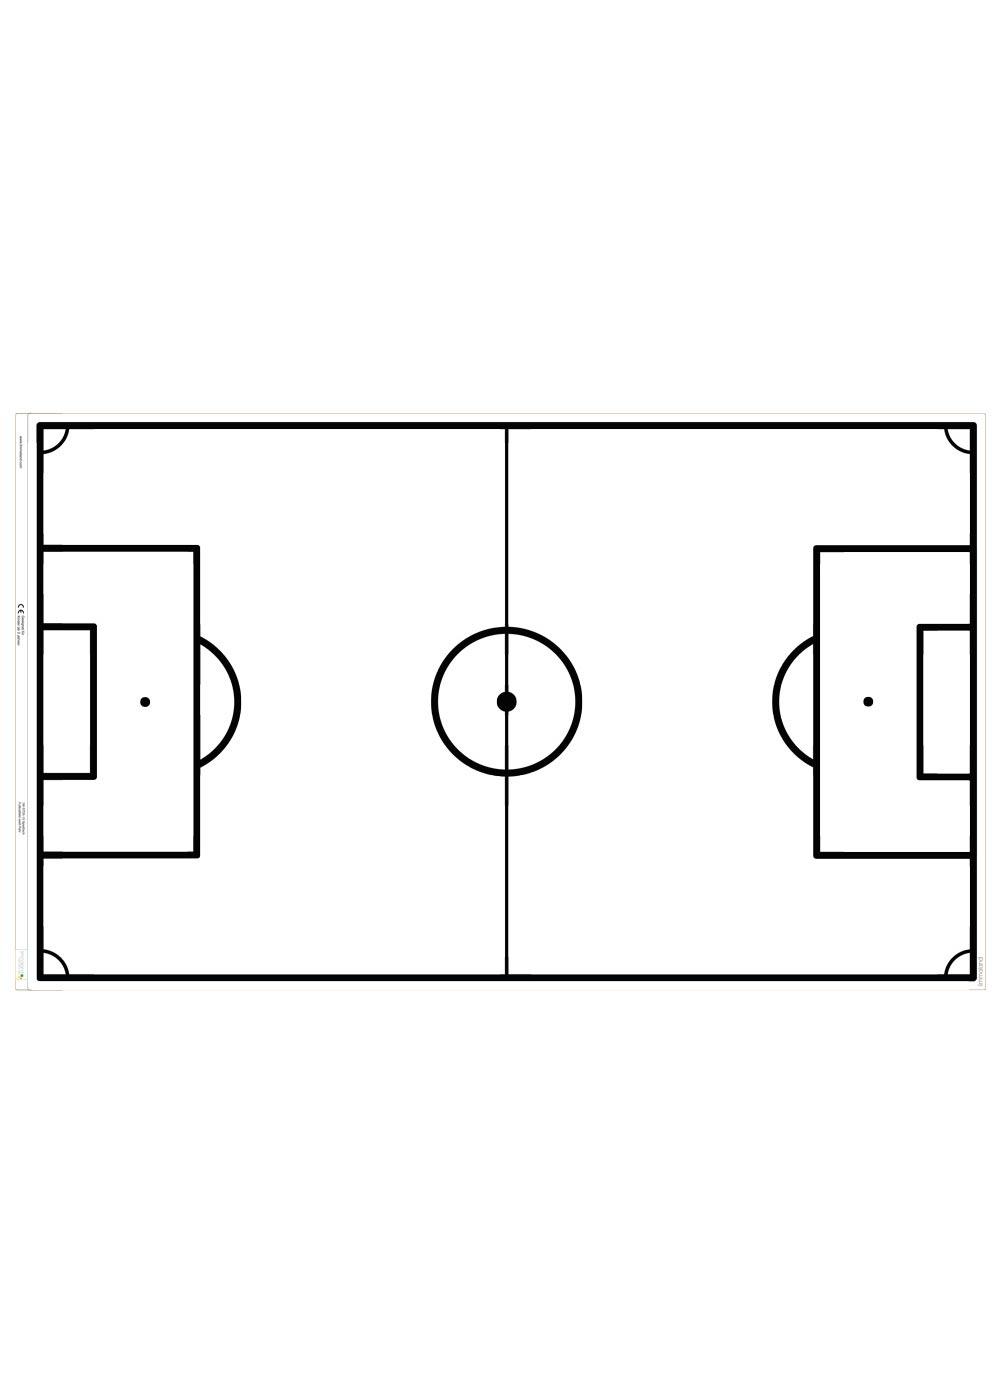 Ikea Pahl Kinderschreibtisch Fussballfeld Druckvorlage